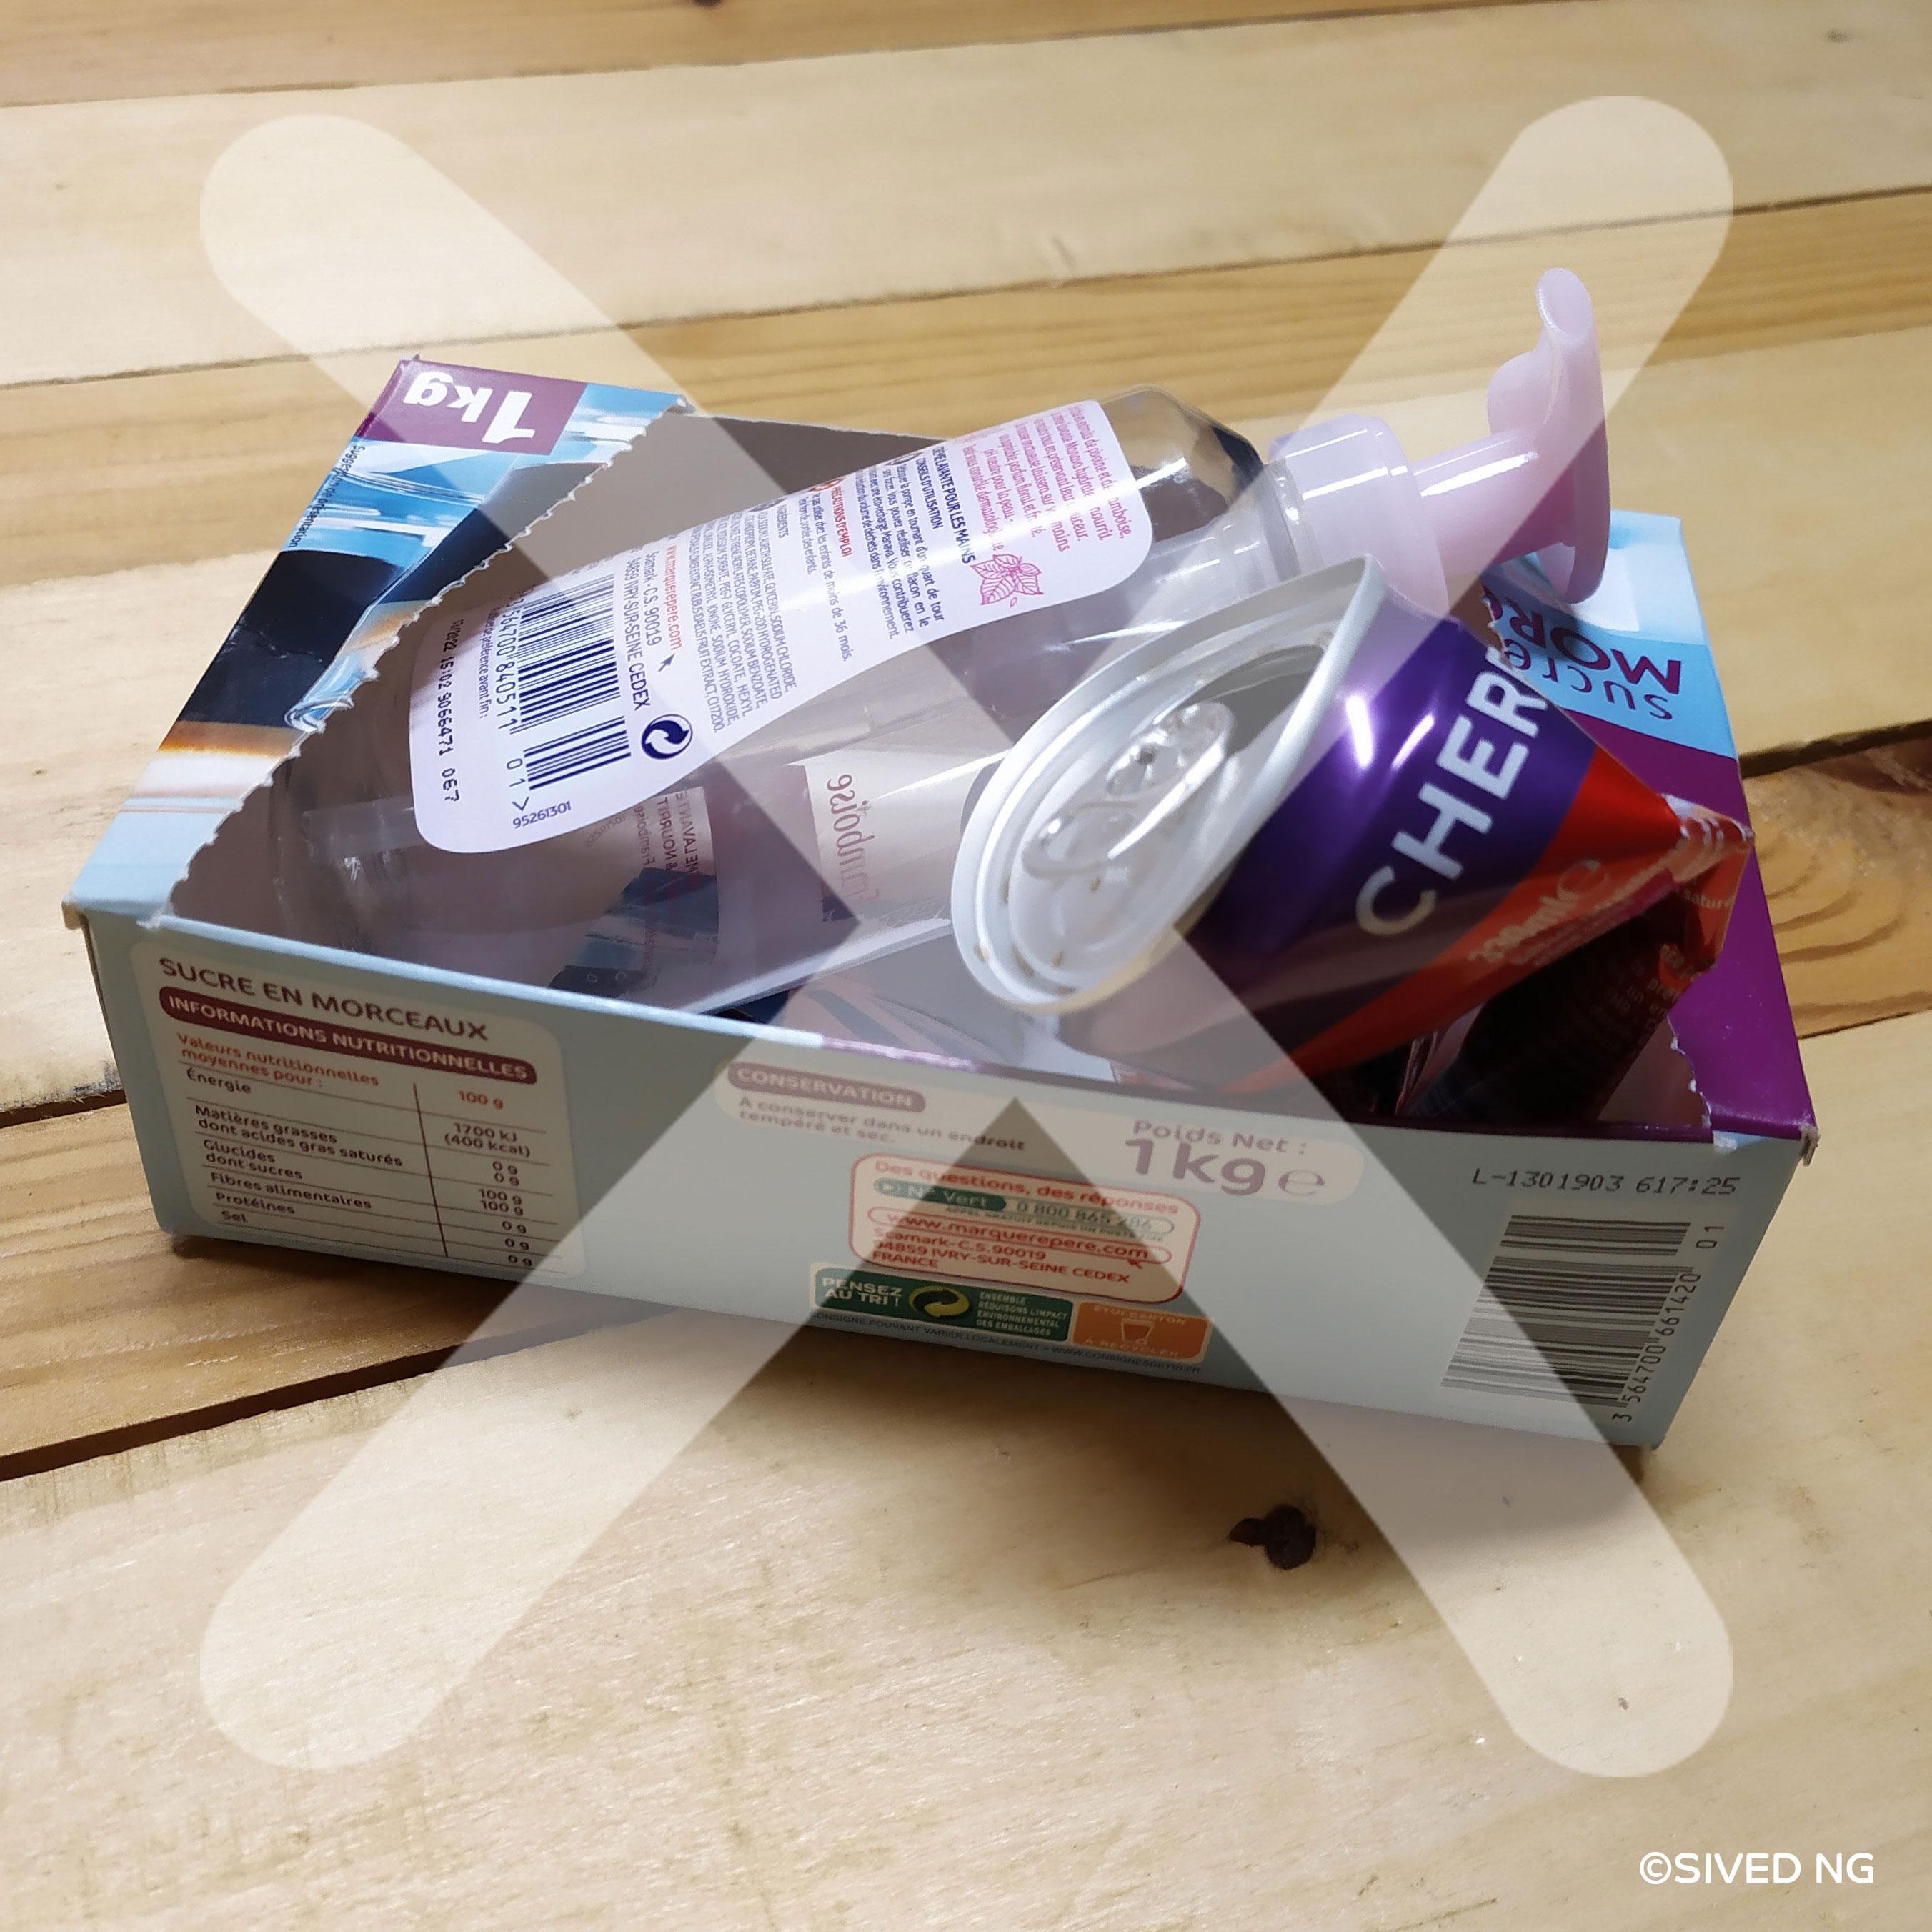 Pourquoi ne faut-il pas imbriquer les emballages ?